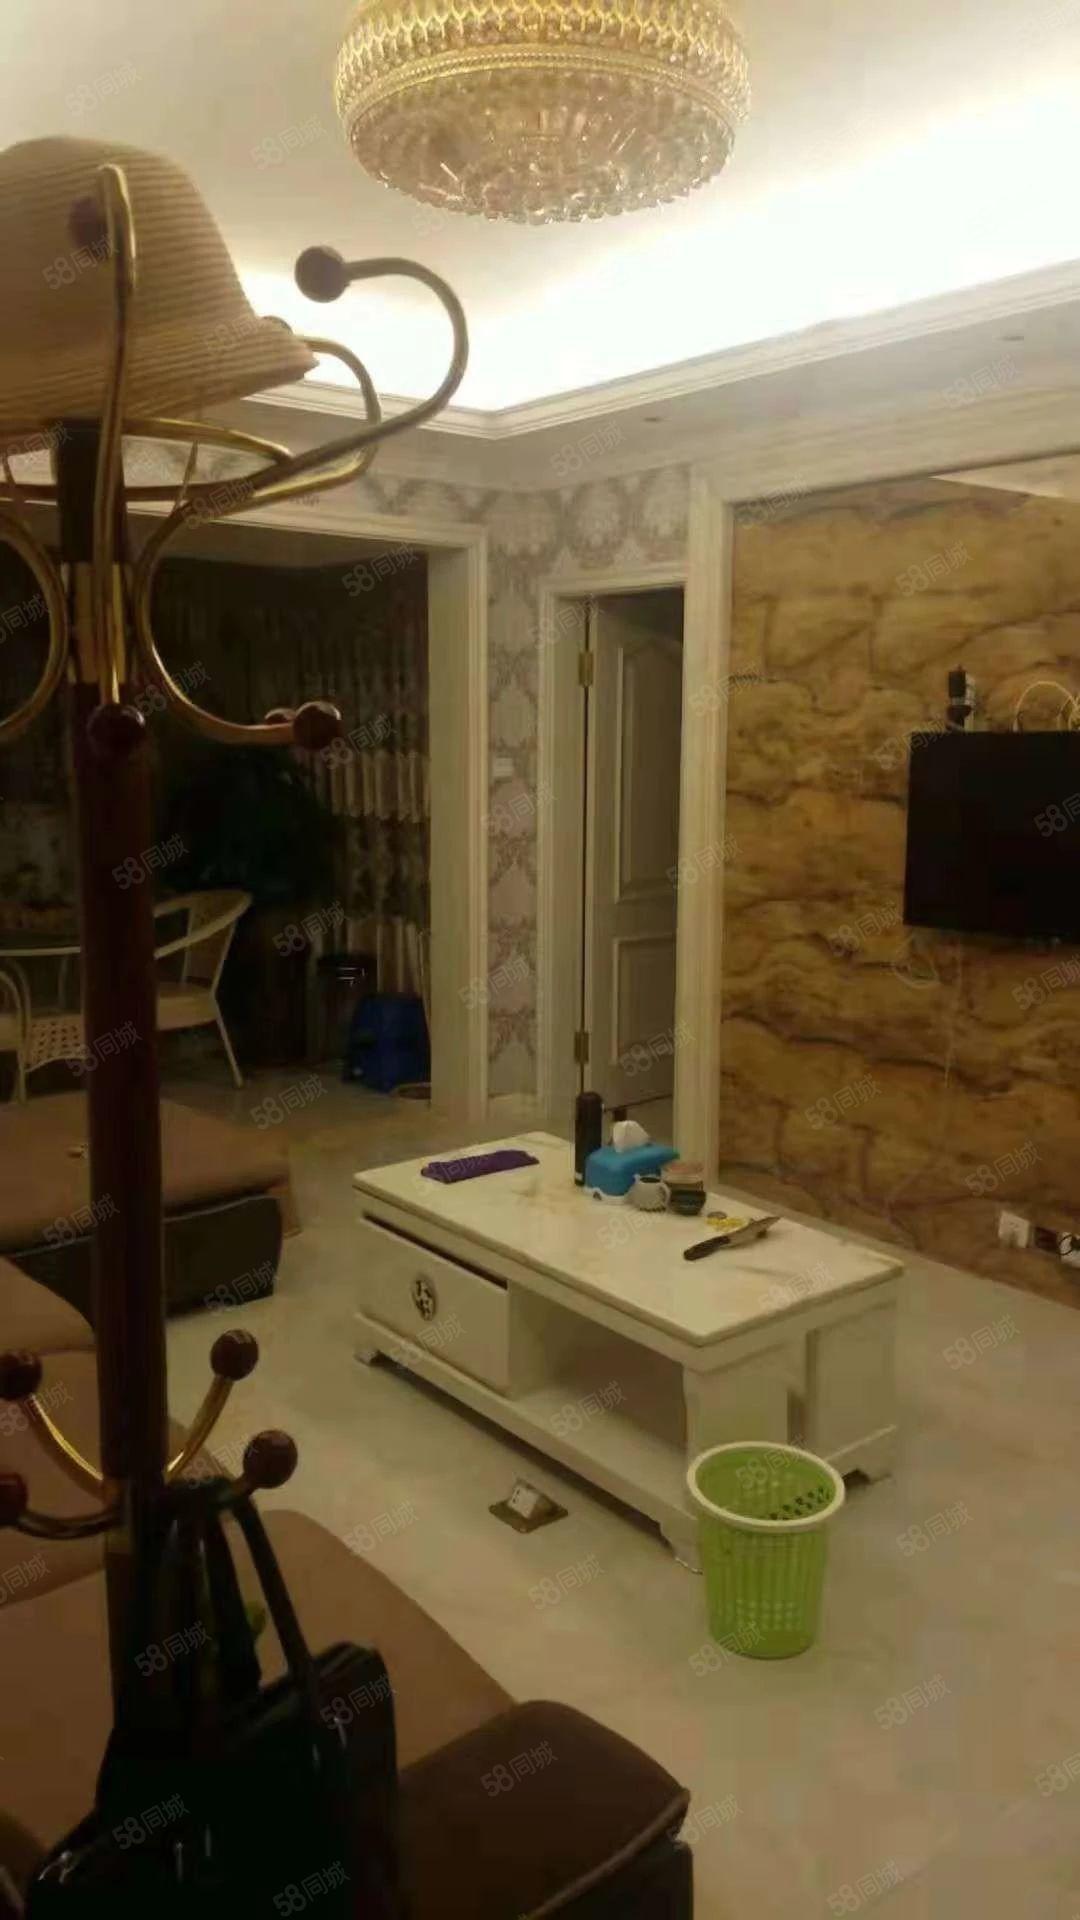 郦景阳光二期三房二厅一卫一阳台精装修设备齐全拎包入住。